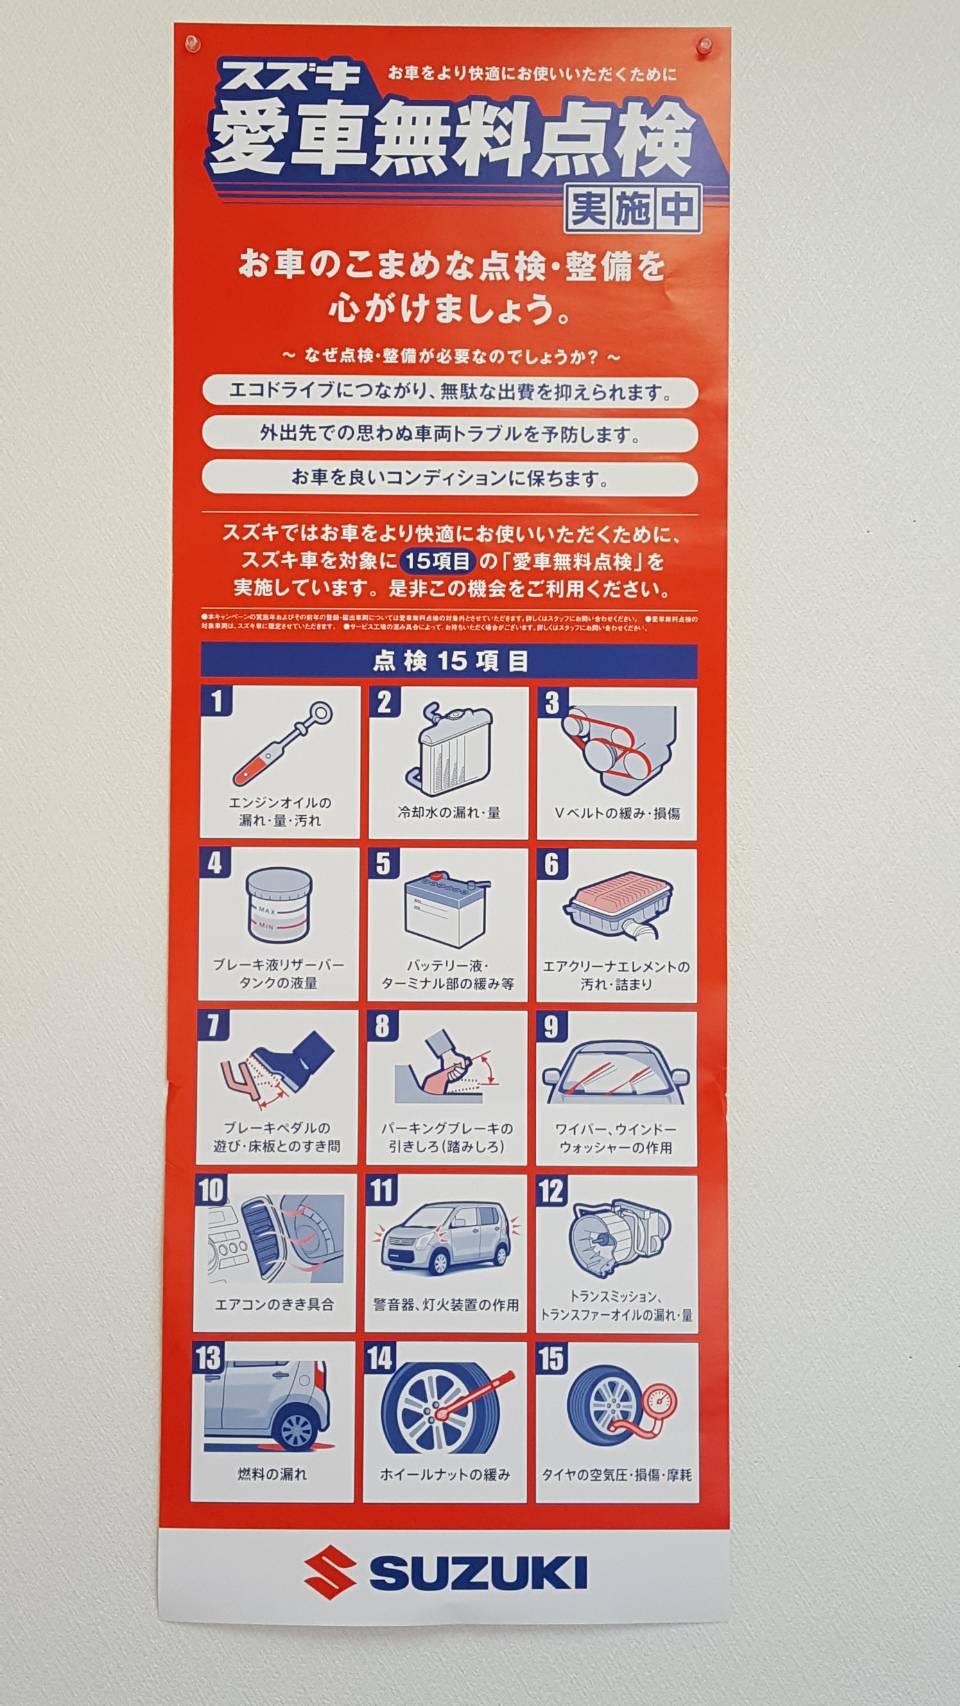 10月1日~12月末まで、スズキの愛車無料点検を実施しています!!